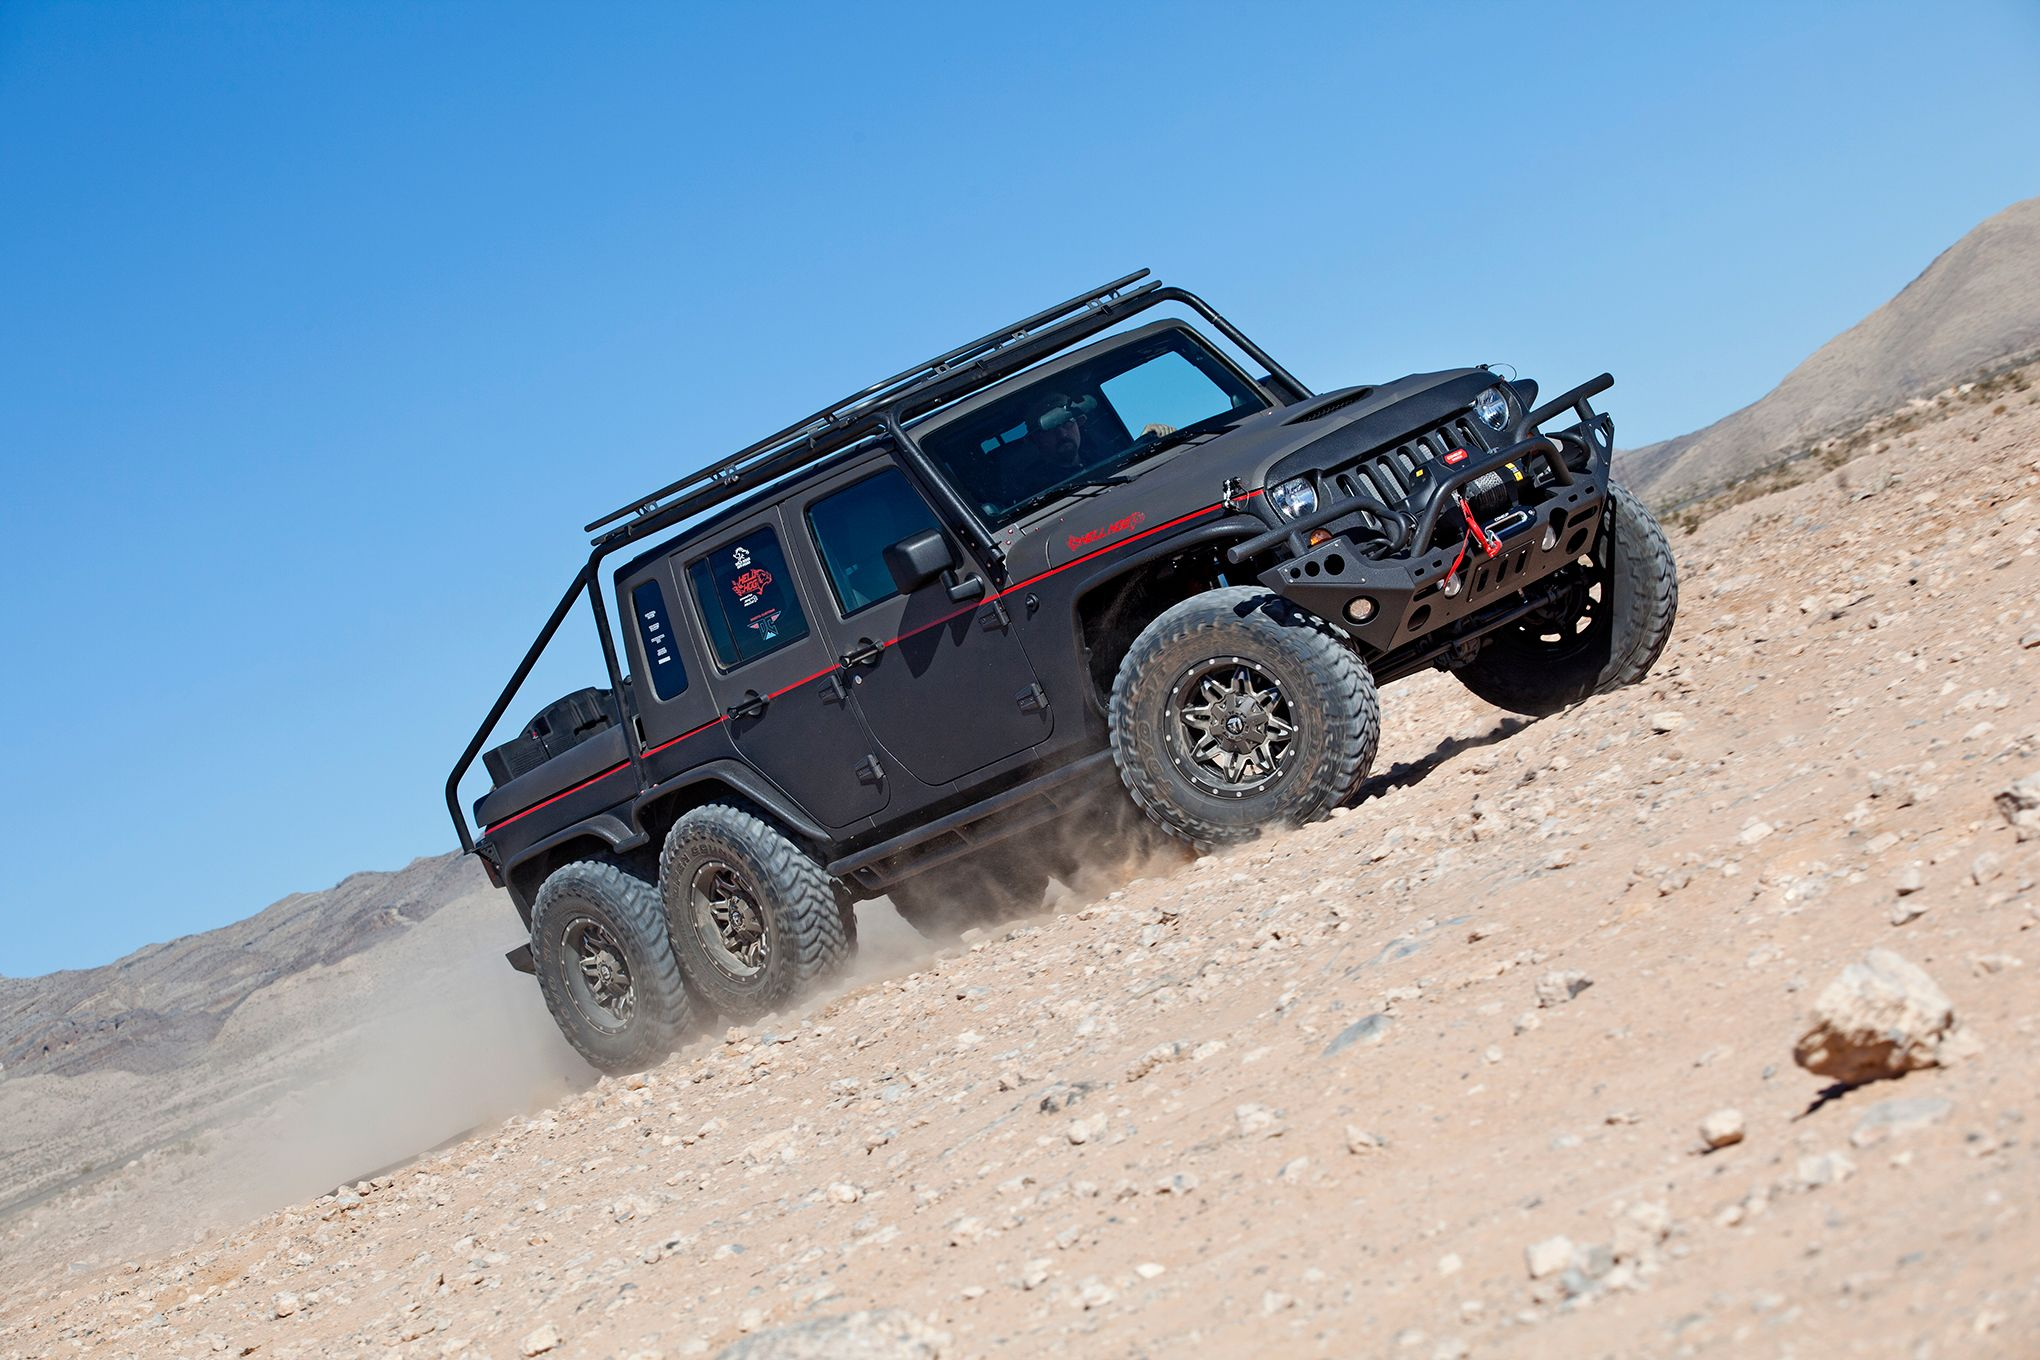 001-wild-boar-2012-jeep-wangler-jk-hellcat-6x6